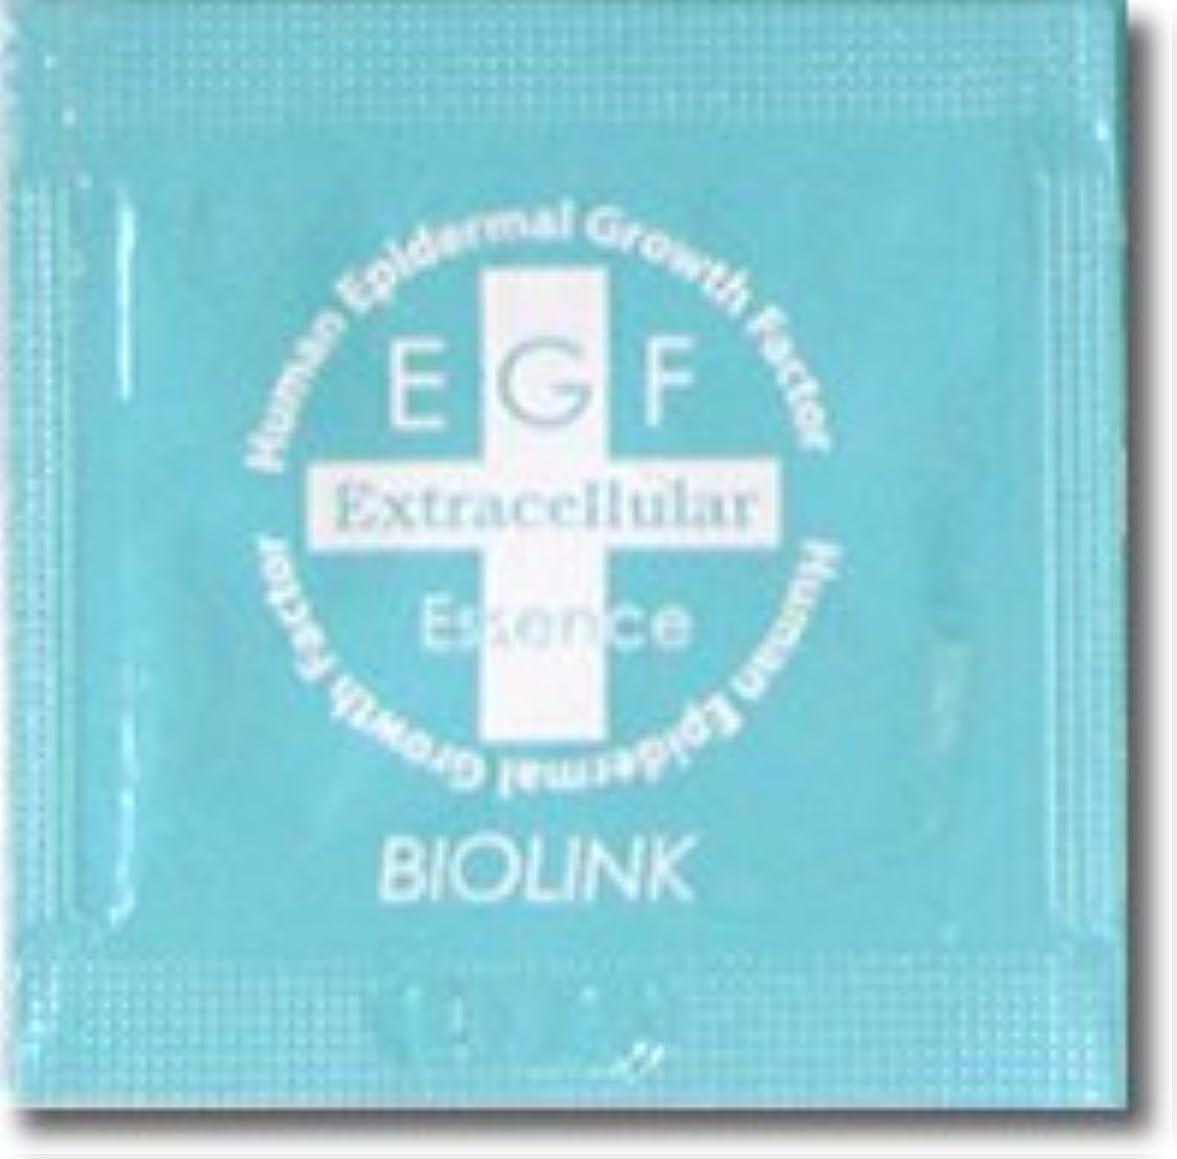 同級生ワイド暴力バイオリンク EGF エクストラエッセンス 分包 100個+10個おまけ付きセット